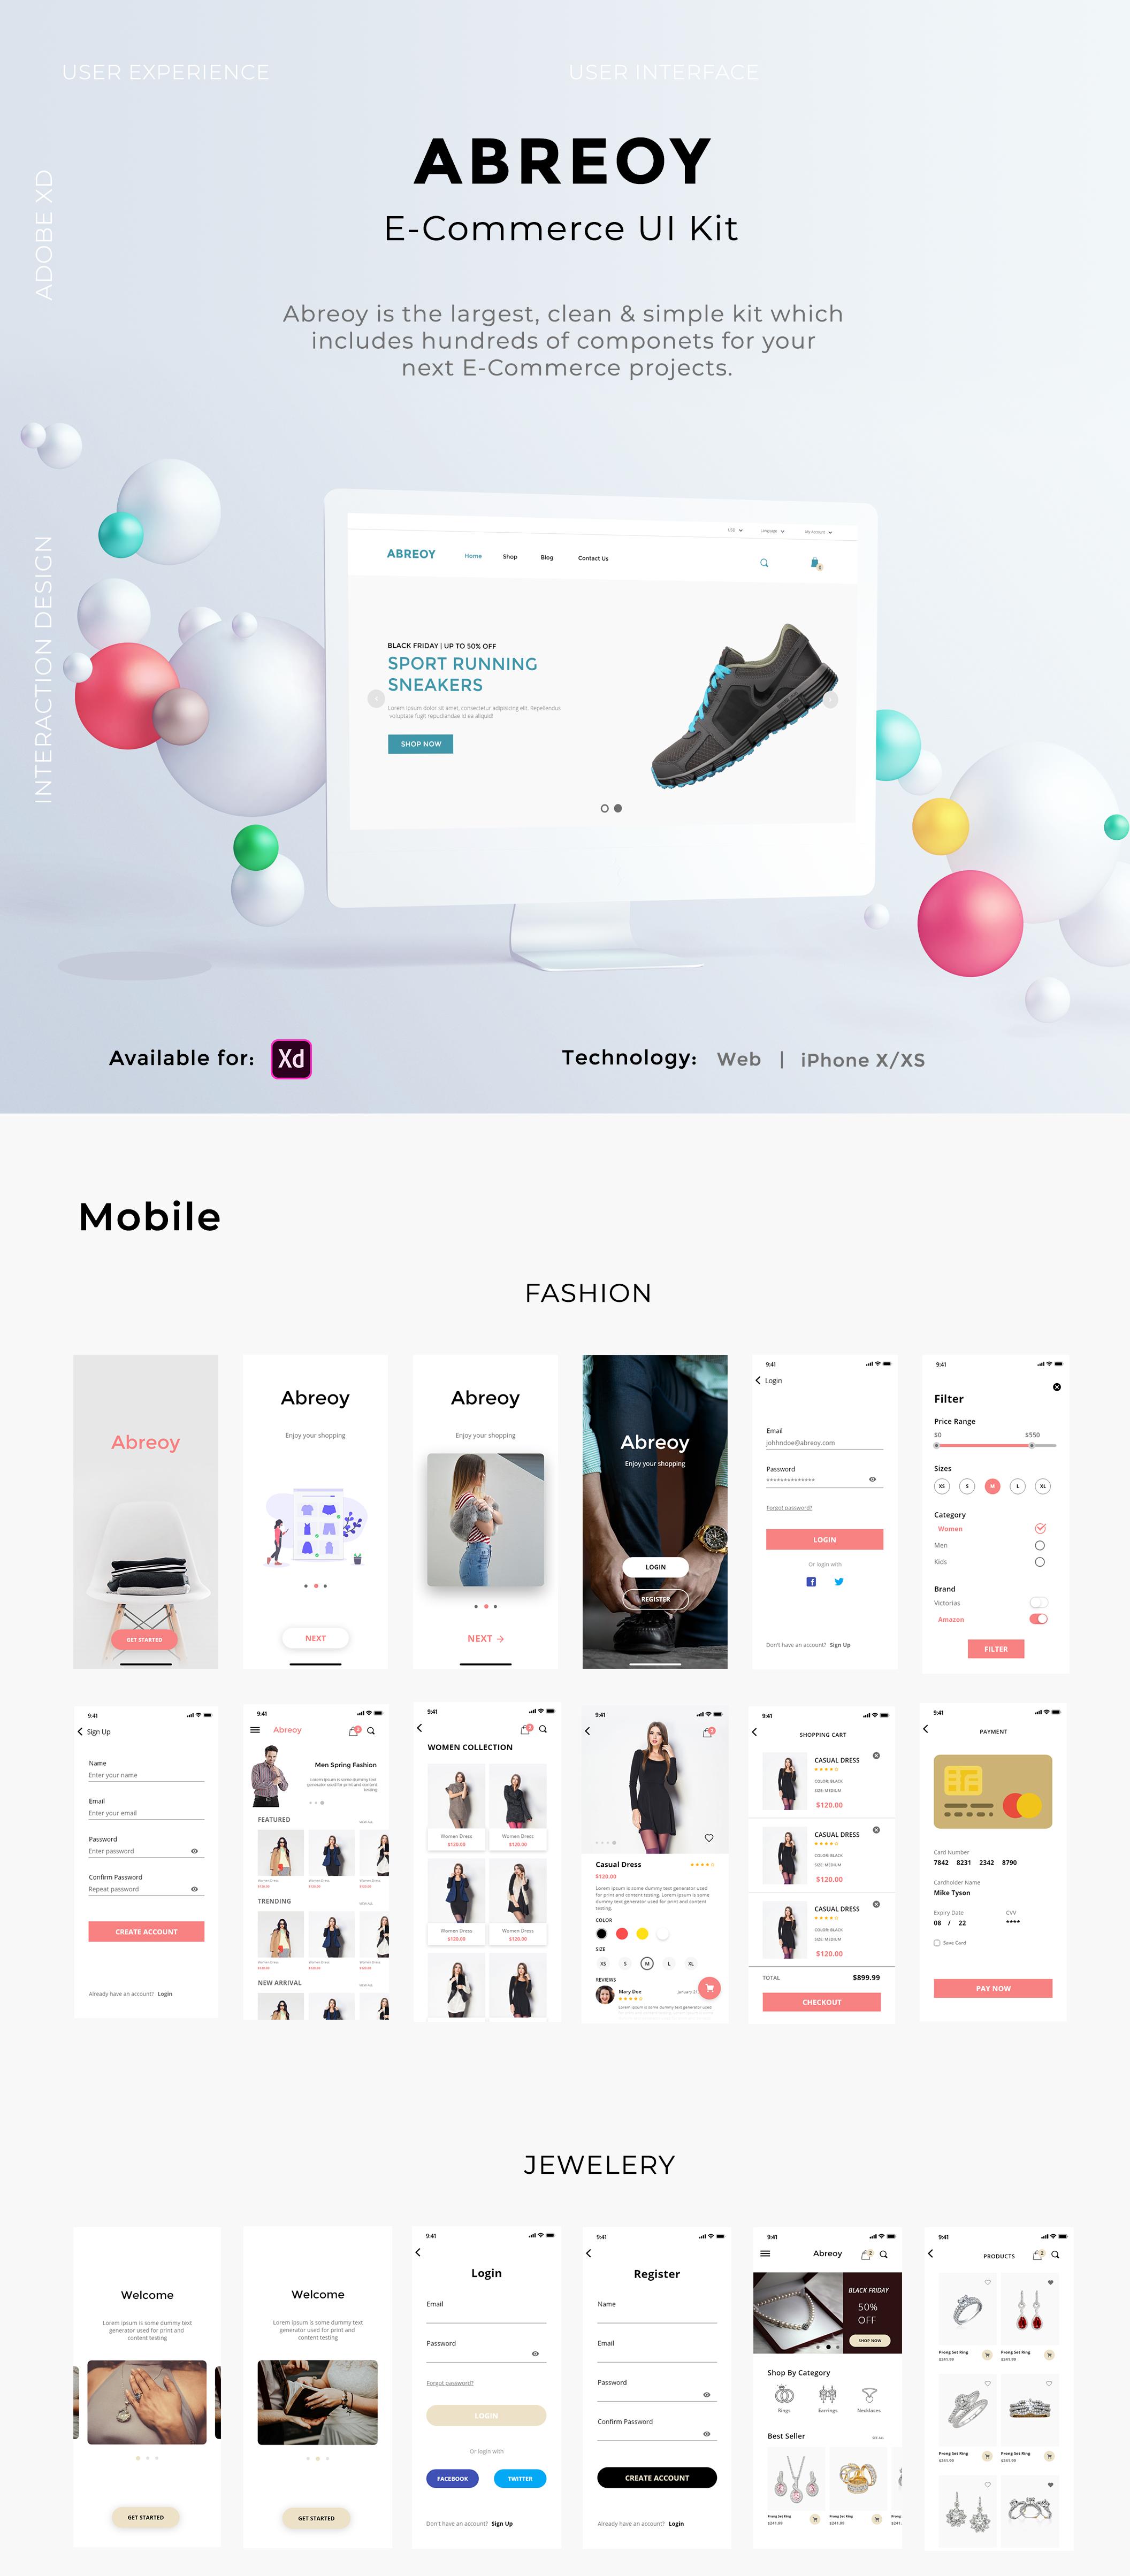 在线购物电子商城APP应用设计UI套件素材 Abreoy E-Commerce UI Kit插图